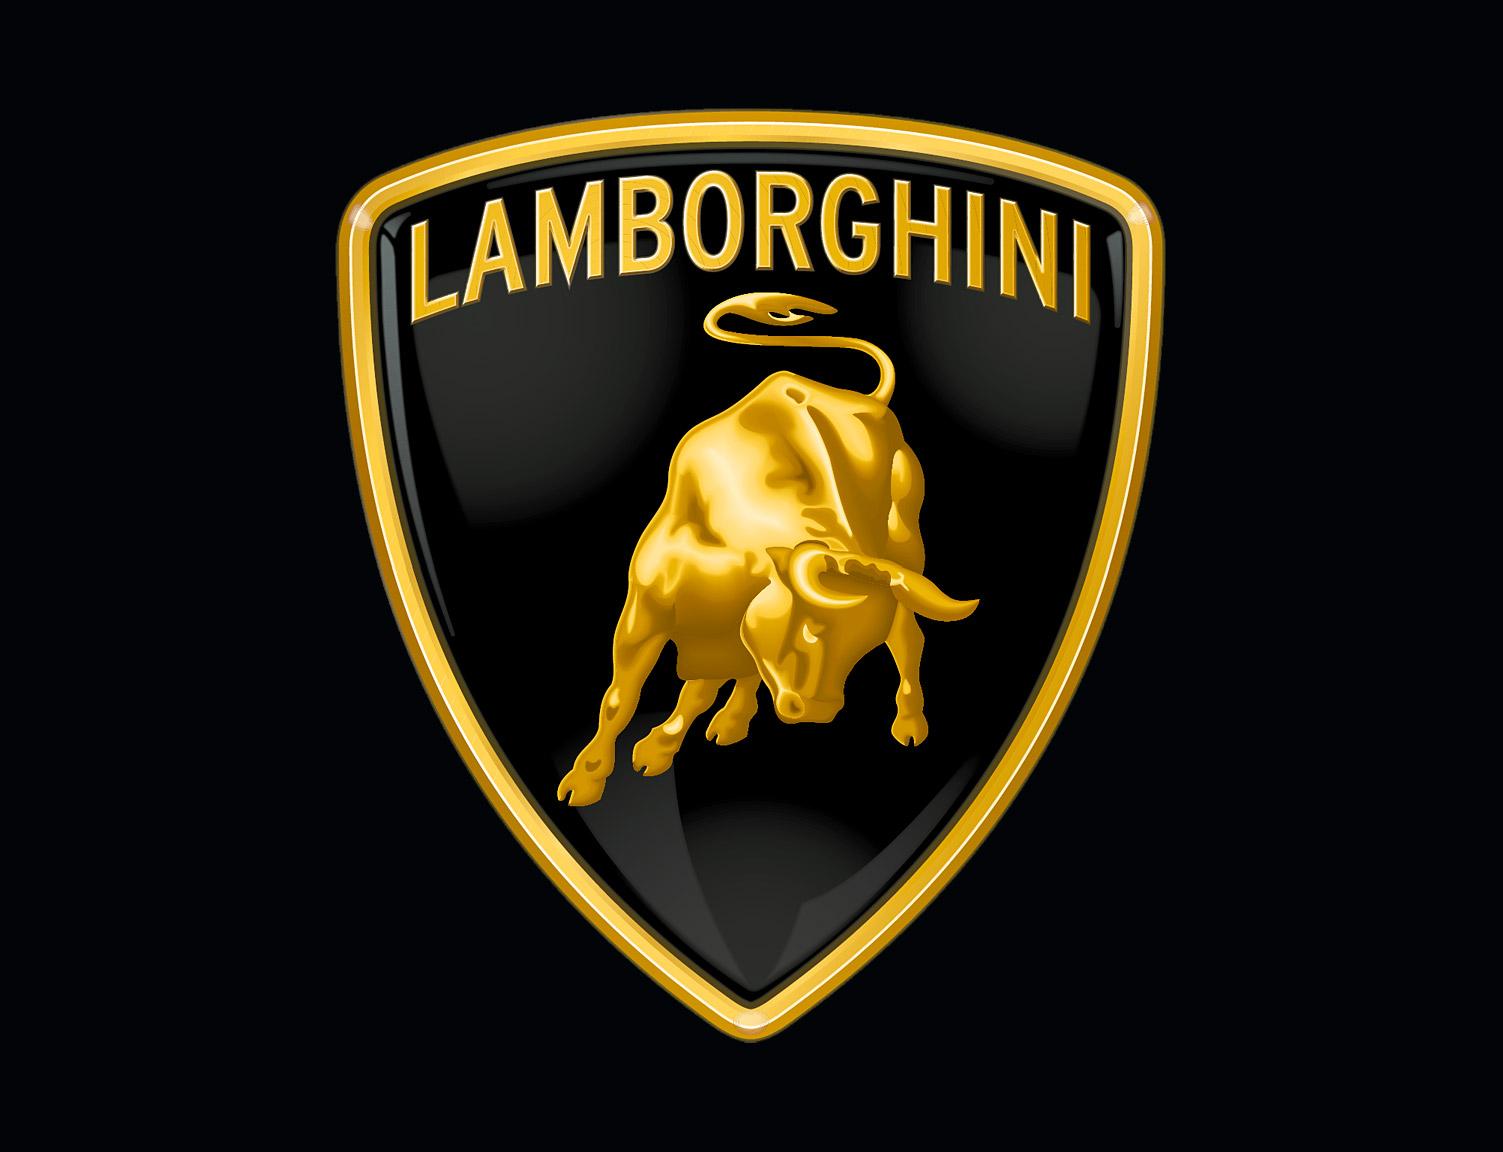 Lamborghini Motors